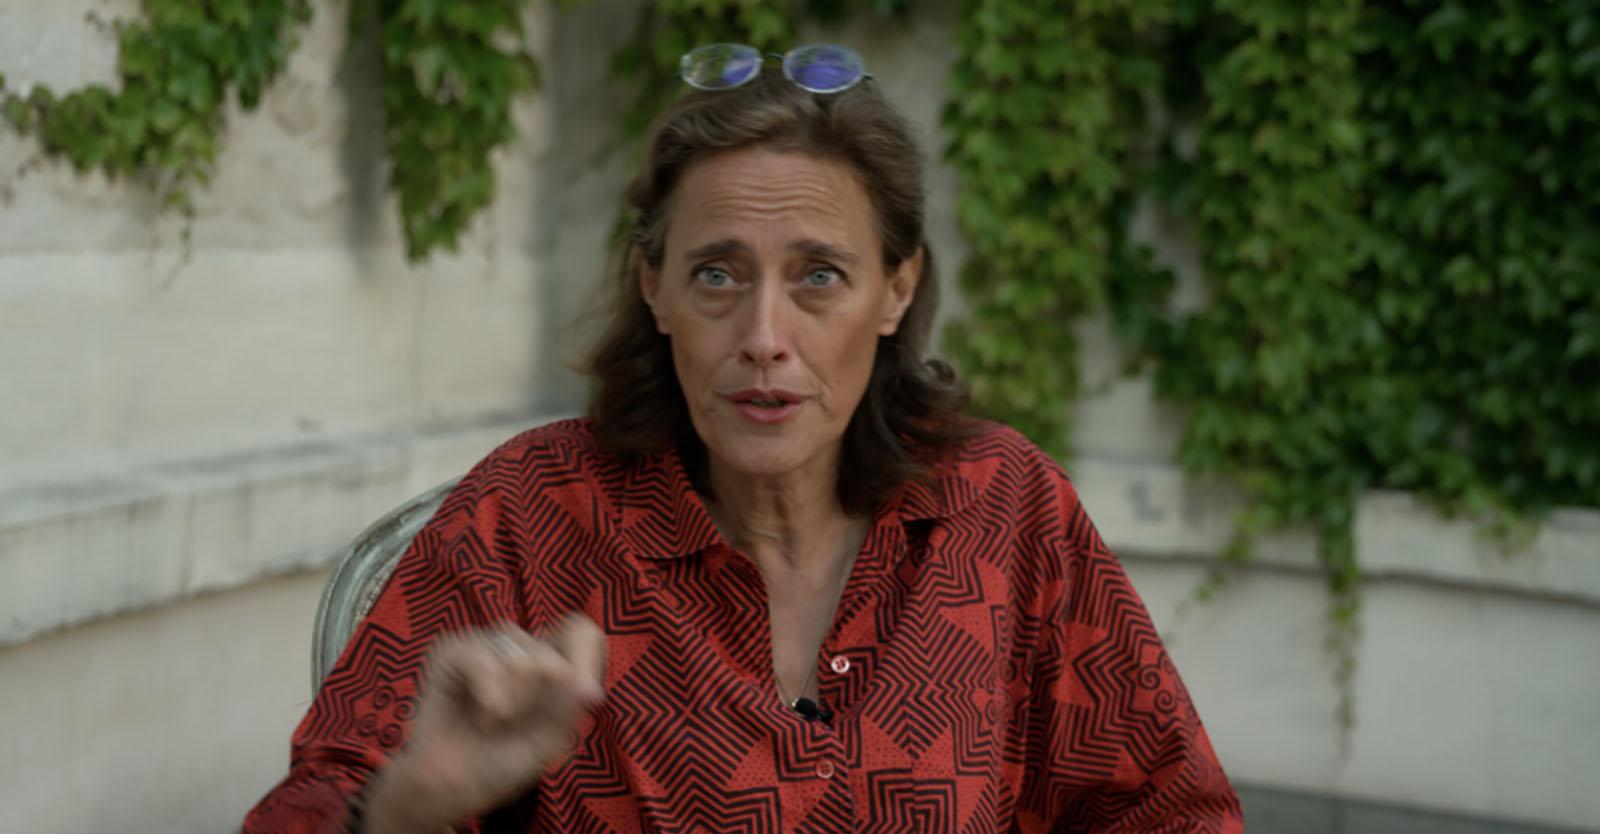 Alexandra Henrion-Caude, mRNA Lesson – Planet Lockdown (full interview)